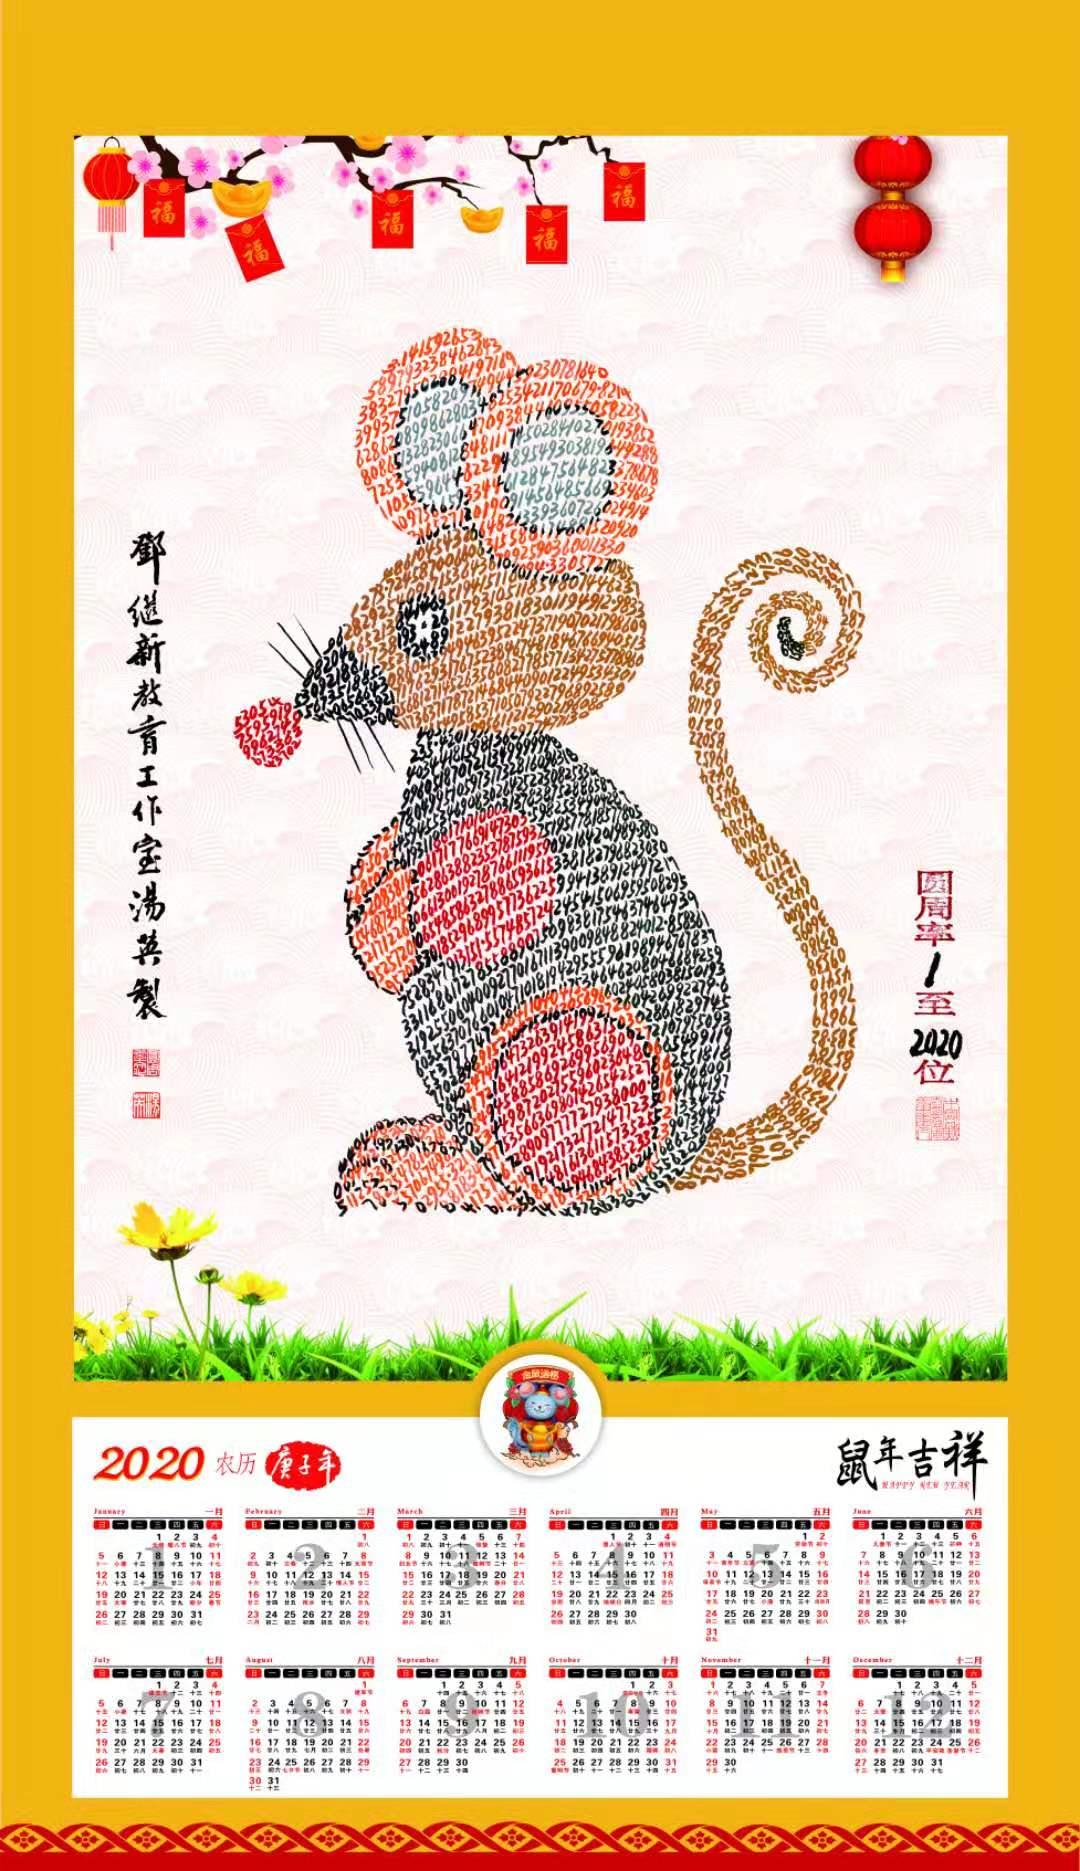 2020圆周率书画挂历《金鼠送福》出炉 记忆奇人汤英再次挑战世界奇迹!